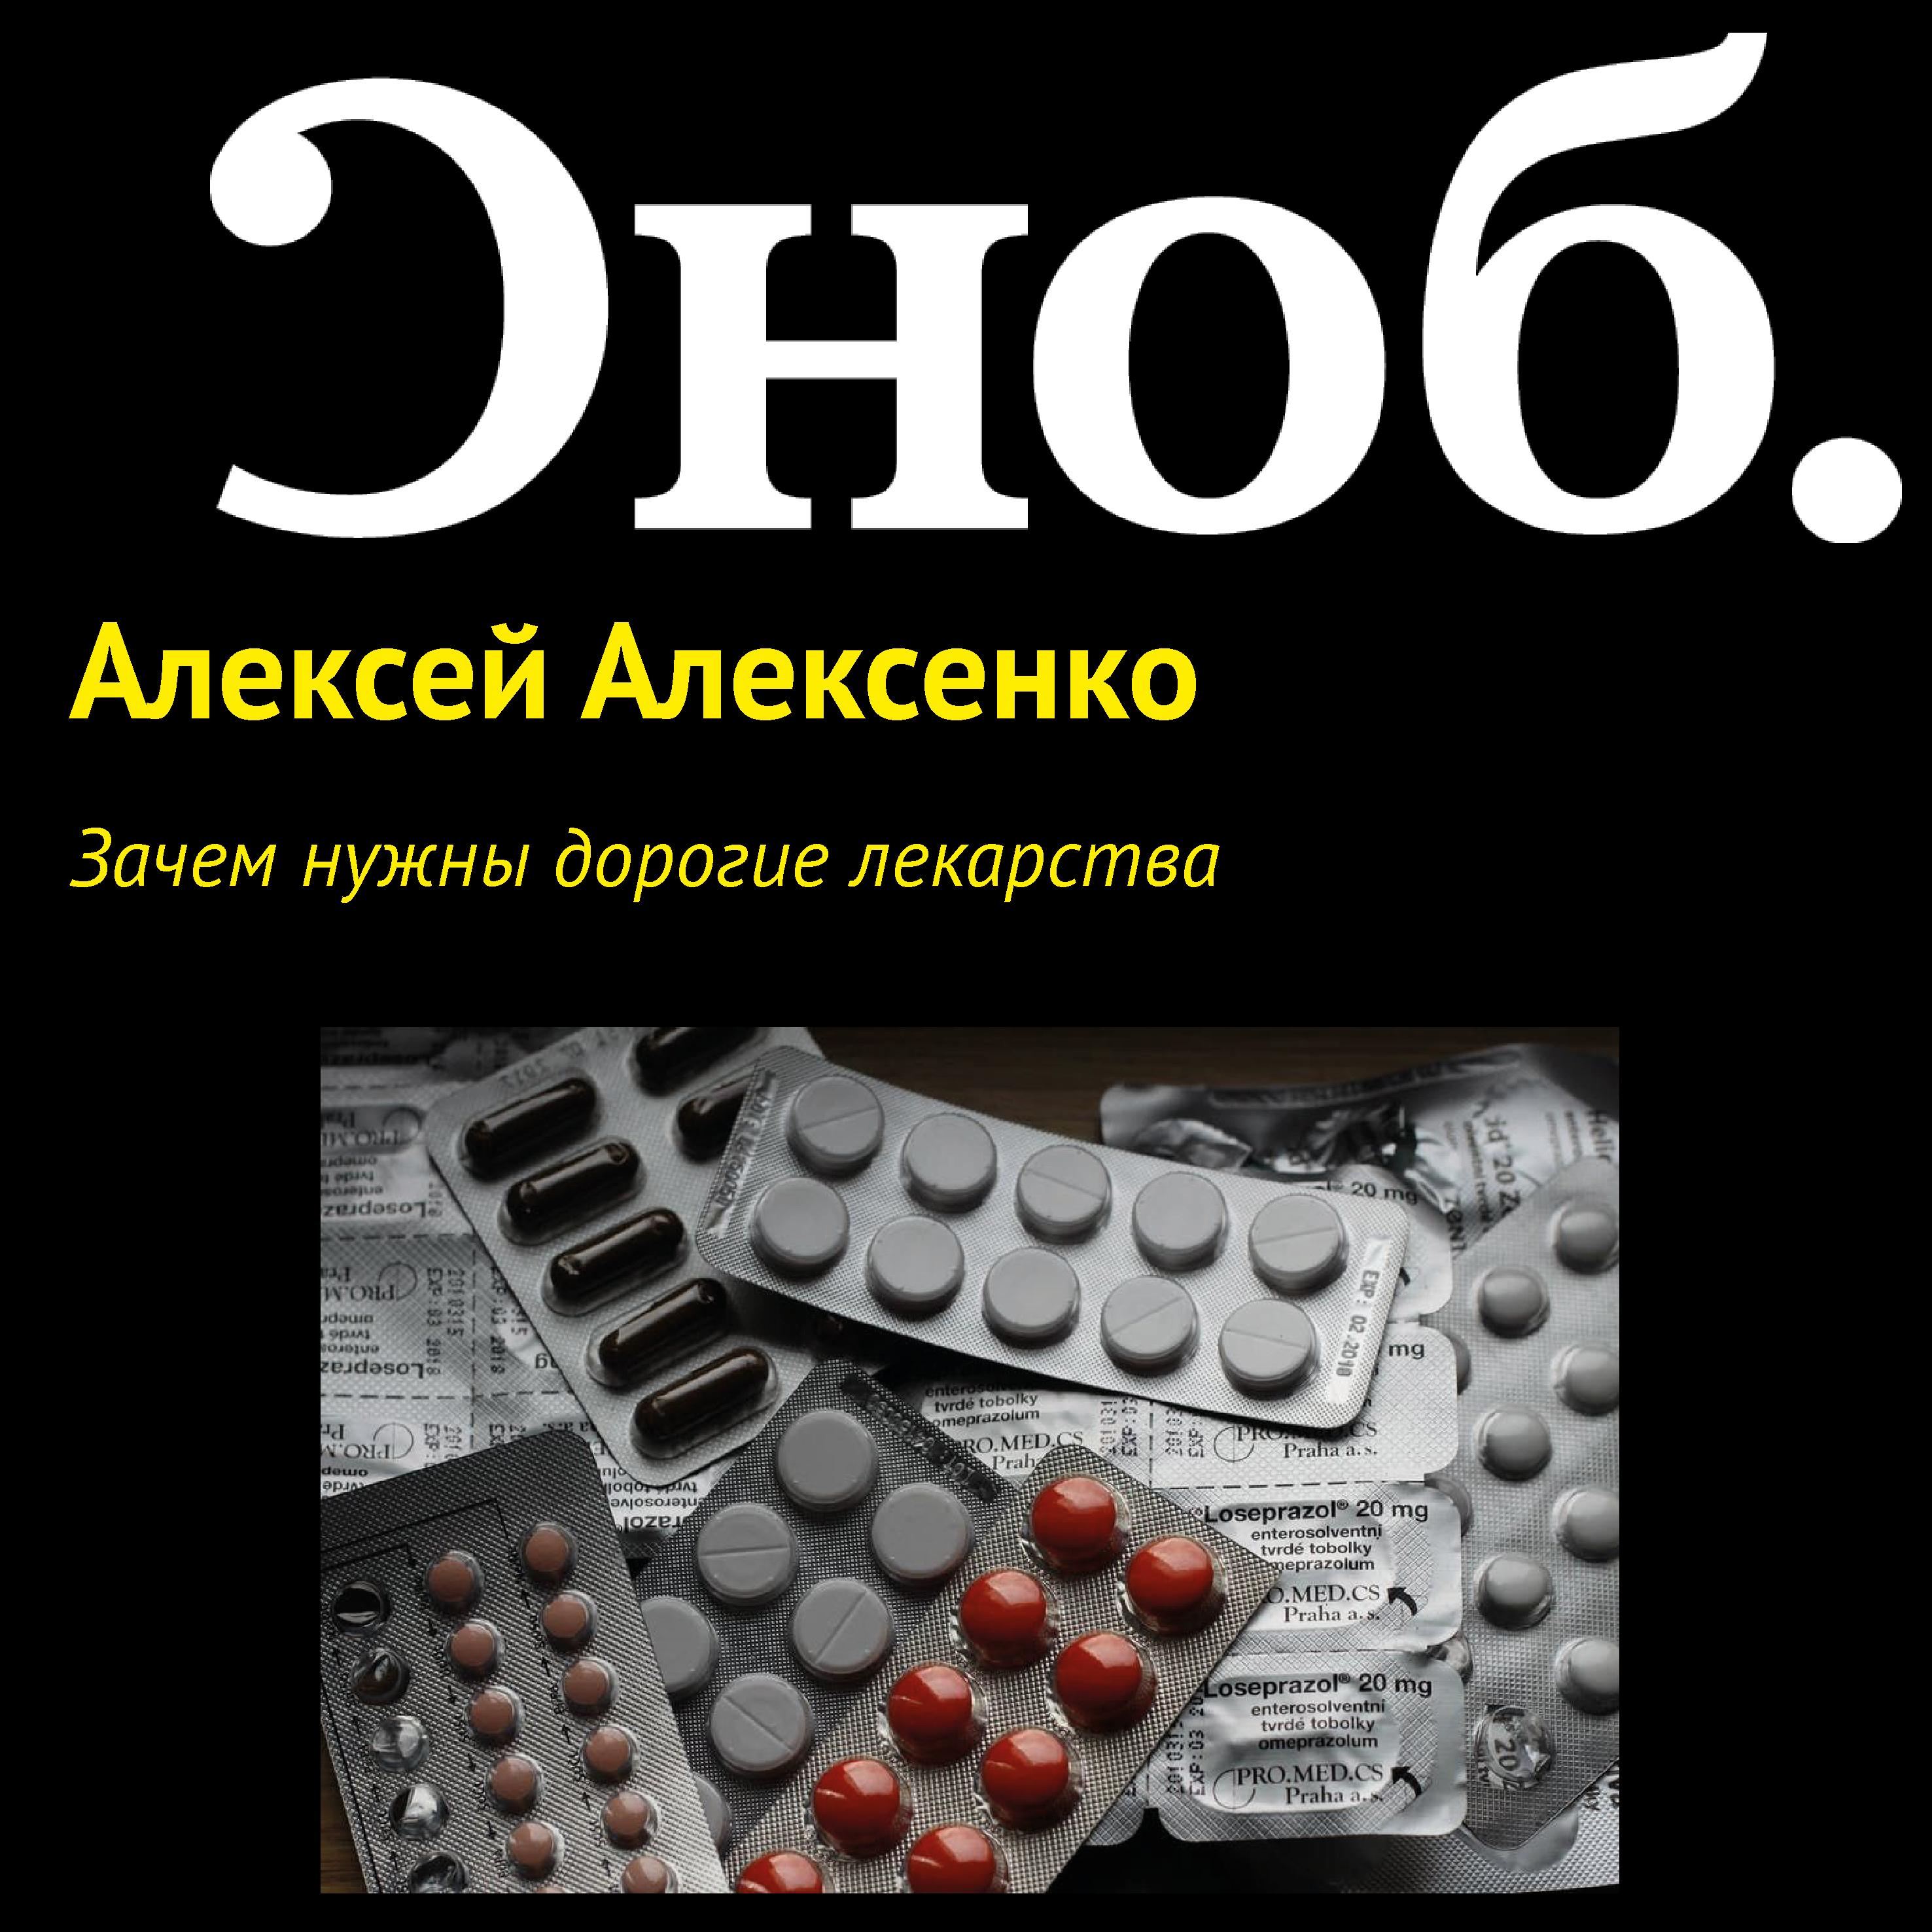 Алексей Алексенко Зачем нужны дорогие лекарства цена